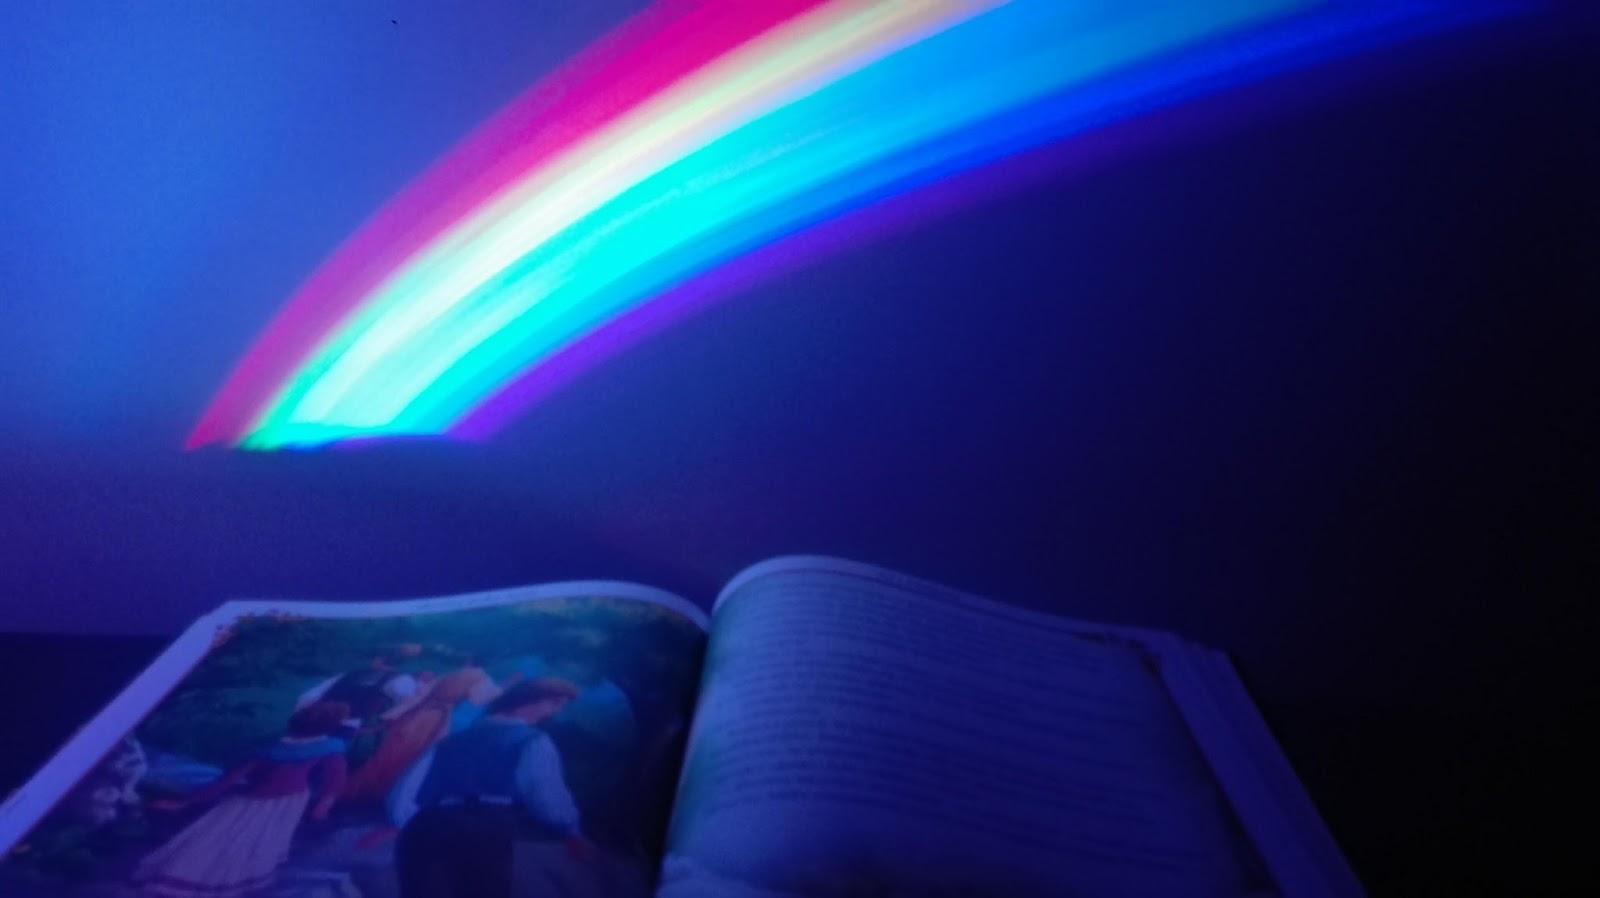 Rainbow inspirations part 1/Tęczowe inspiracje część 1